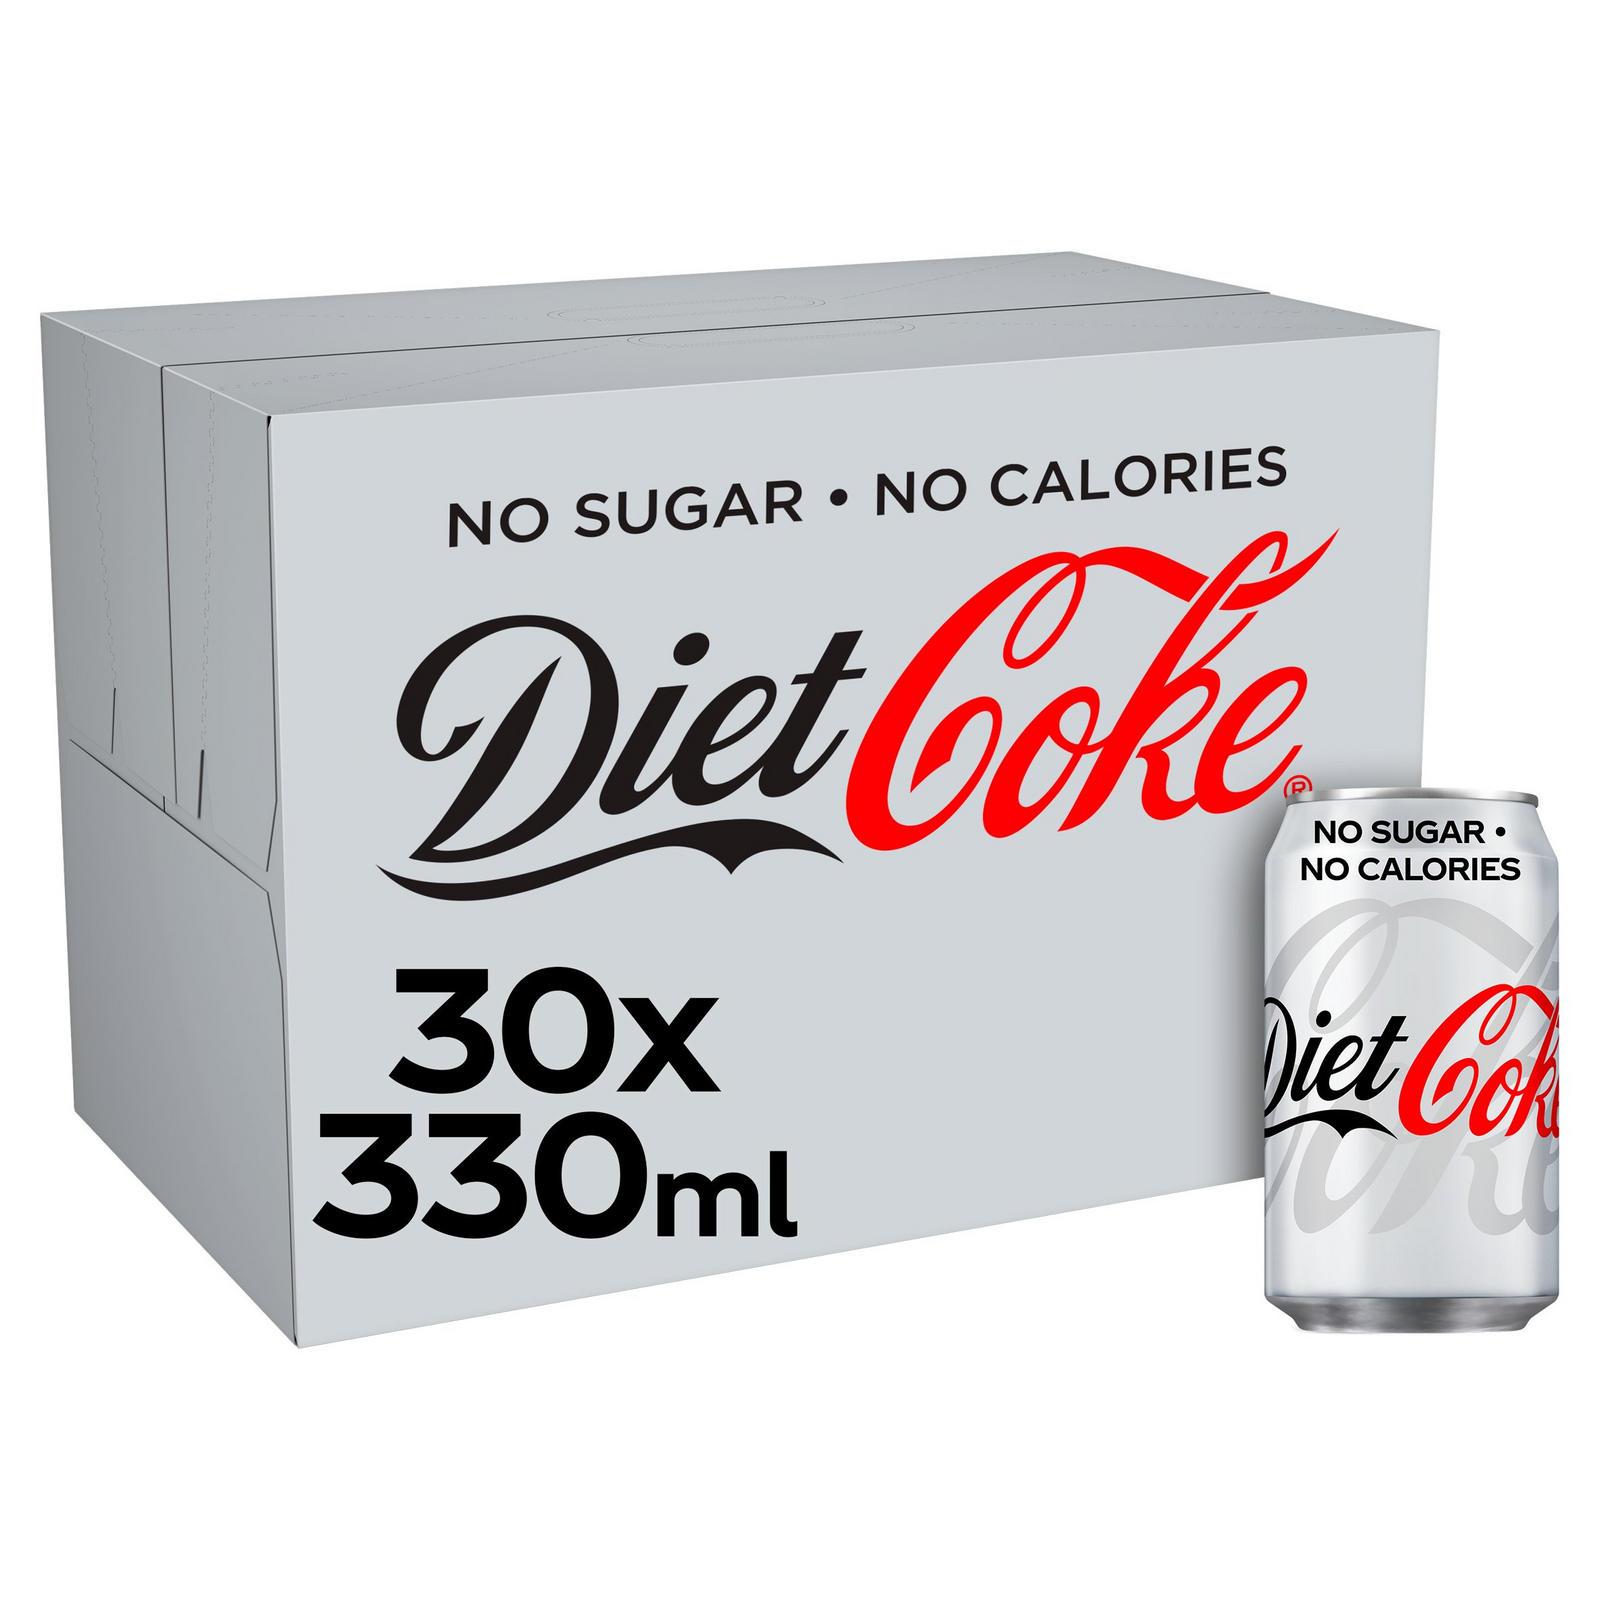 Diet Coke Cans 30x330ml £8.50 @ Asda Sutton